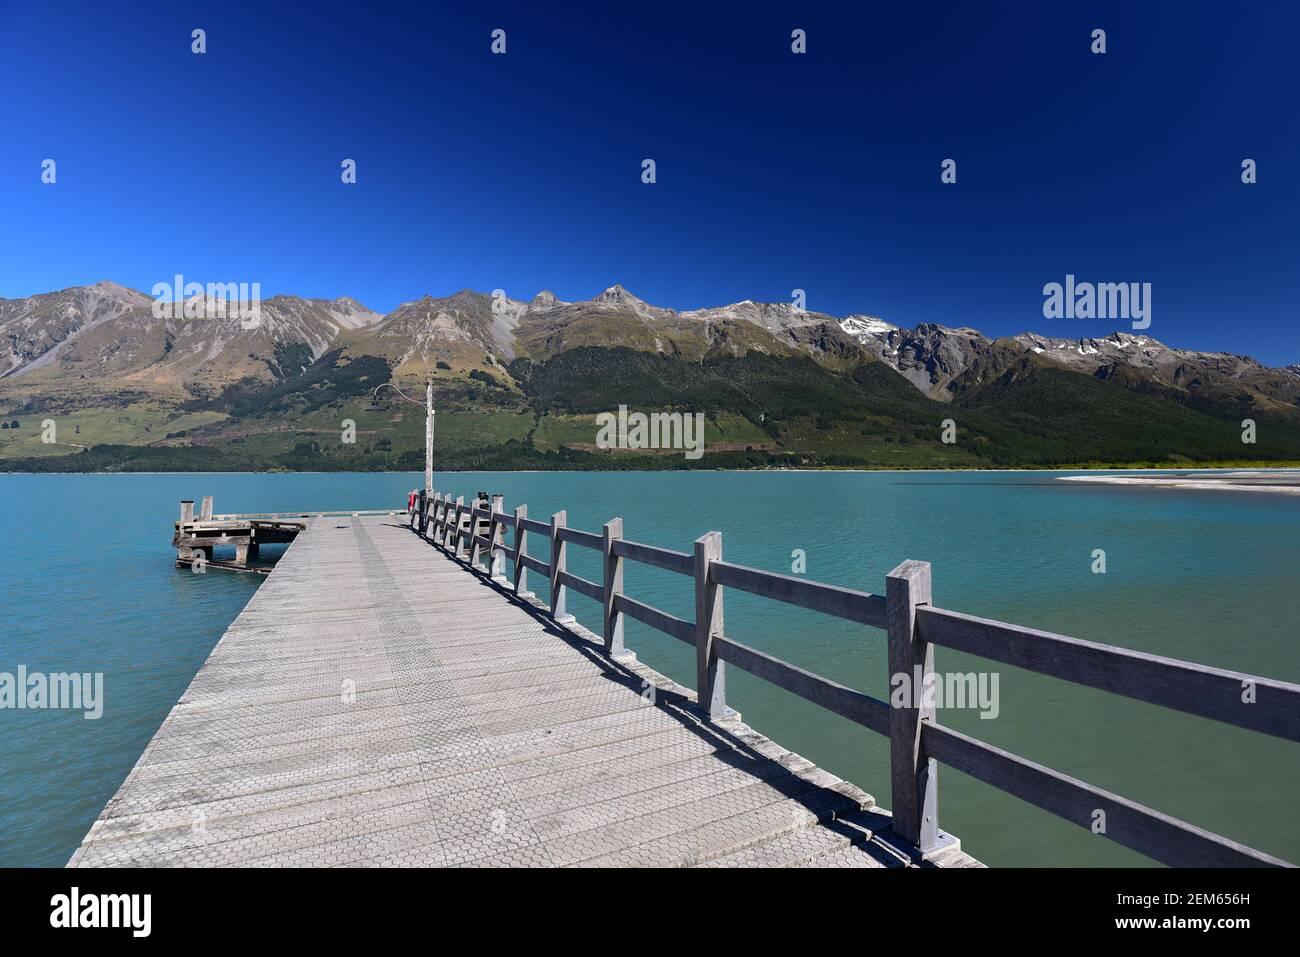 Lake Wakatipu jetty in Glenorchy near Queenstown, New Zealand Stock Photo